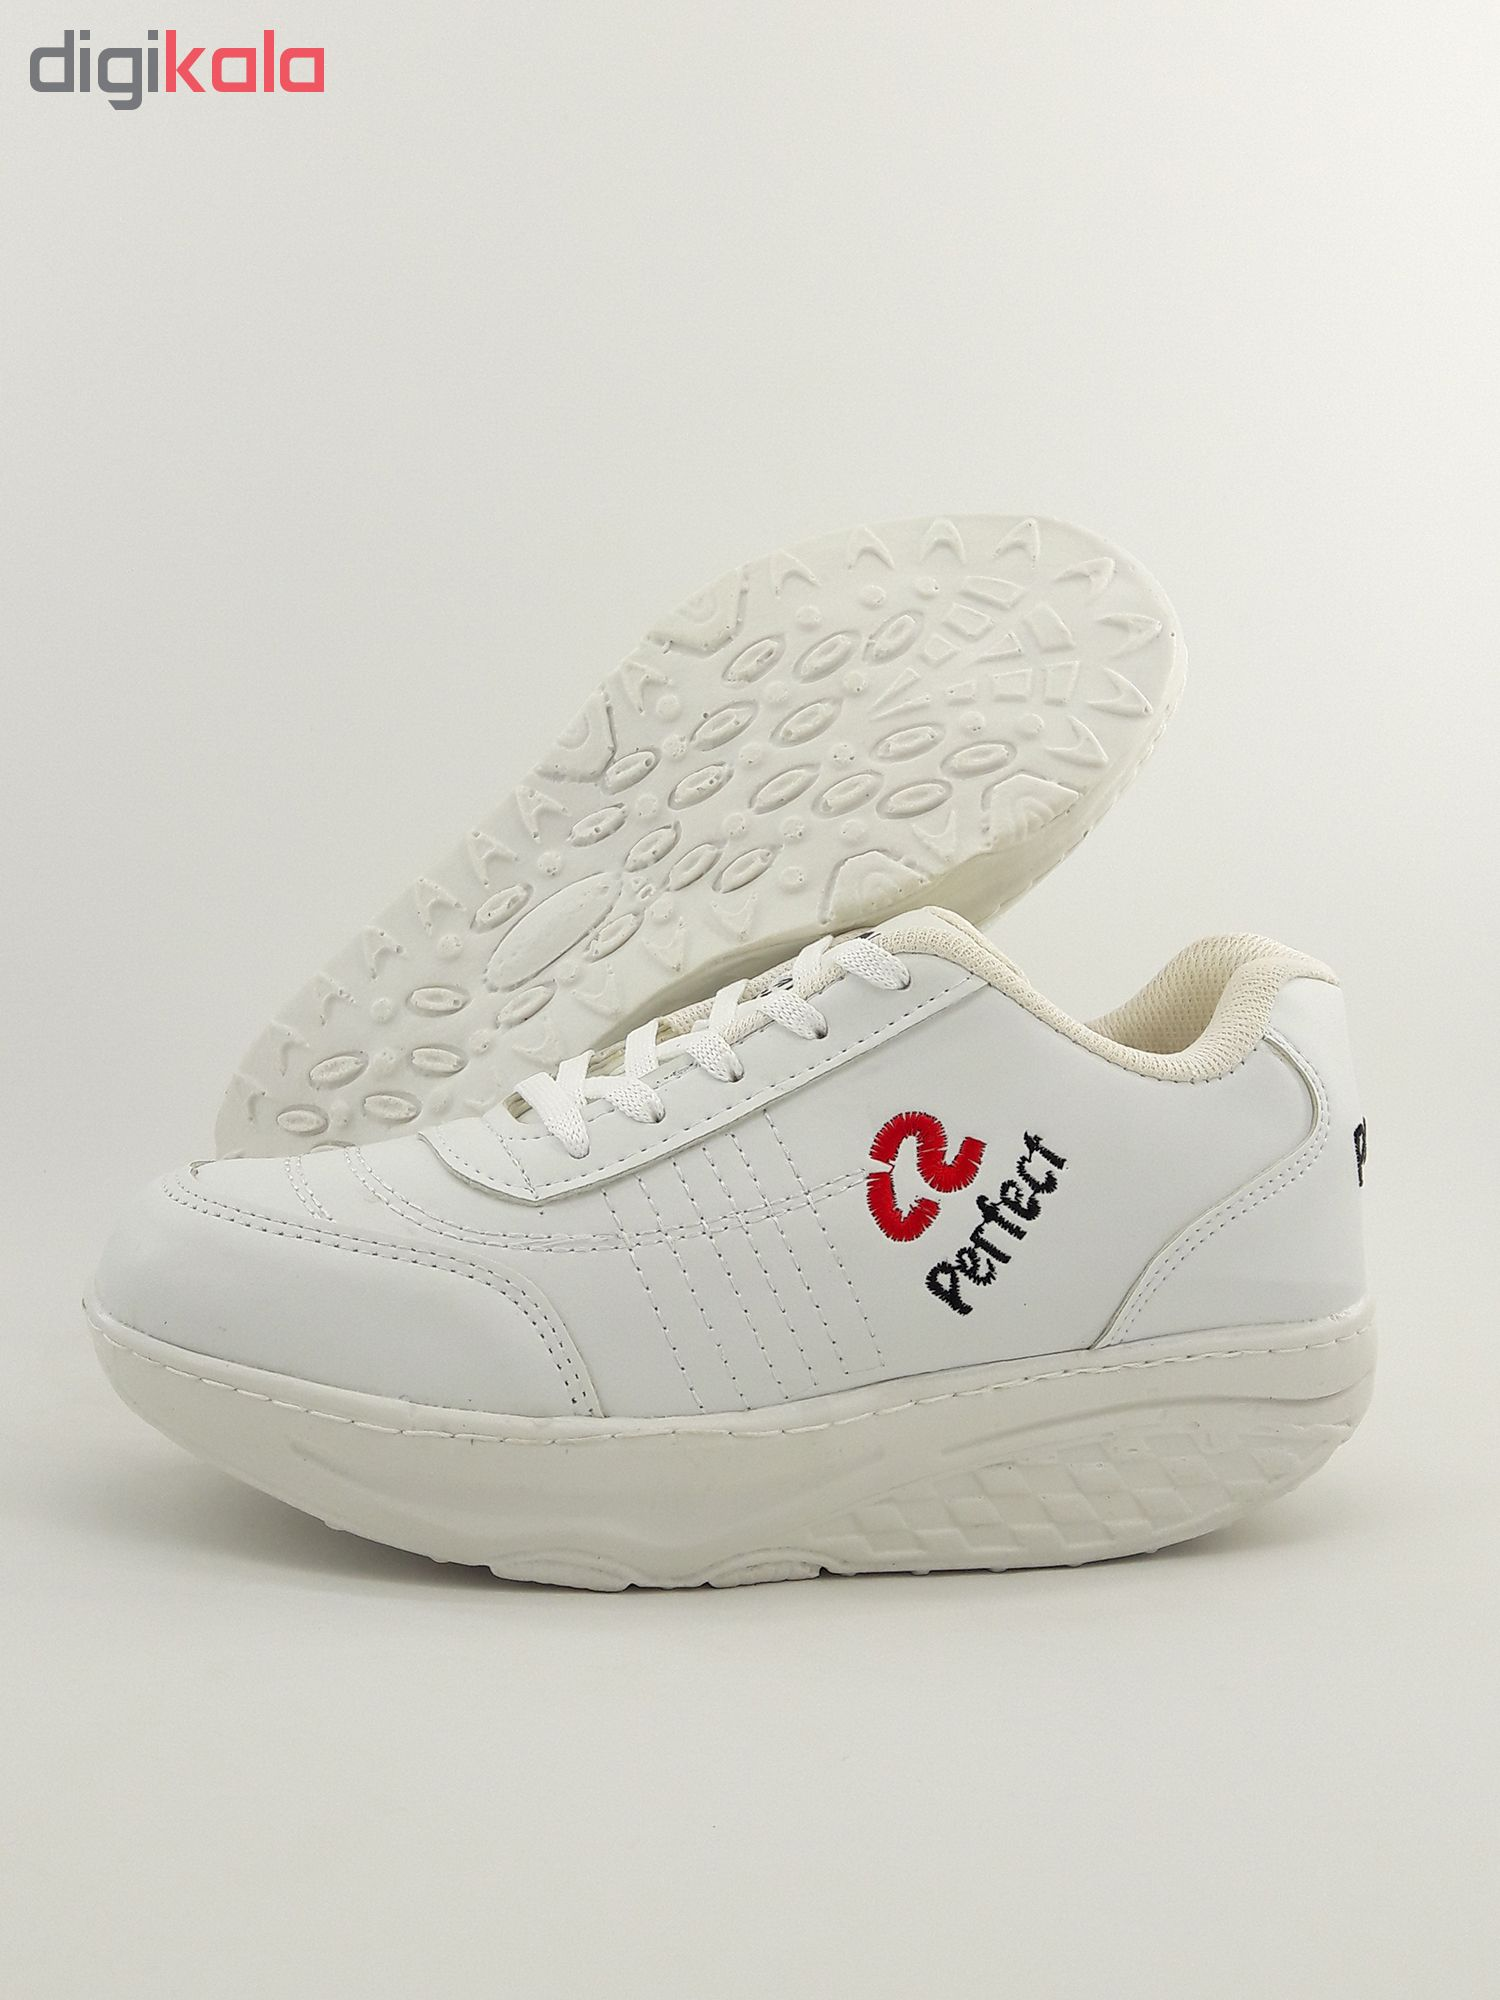 کفش مخصوص پیاده روی زنانه پرفکت مدل Wh001